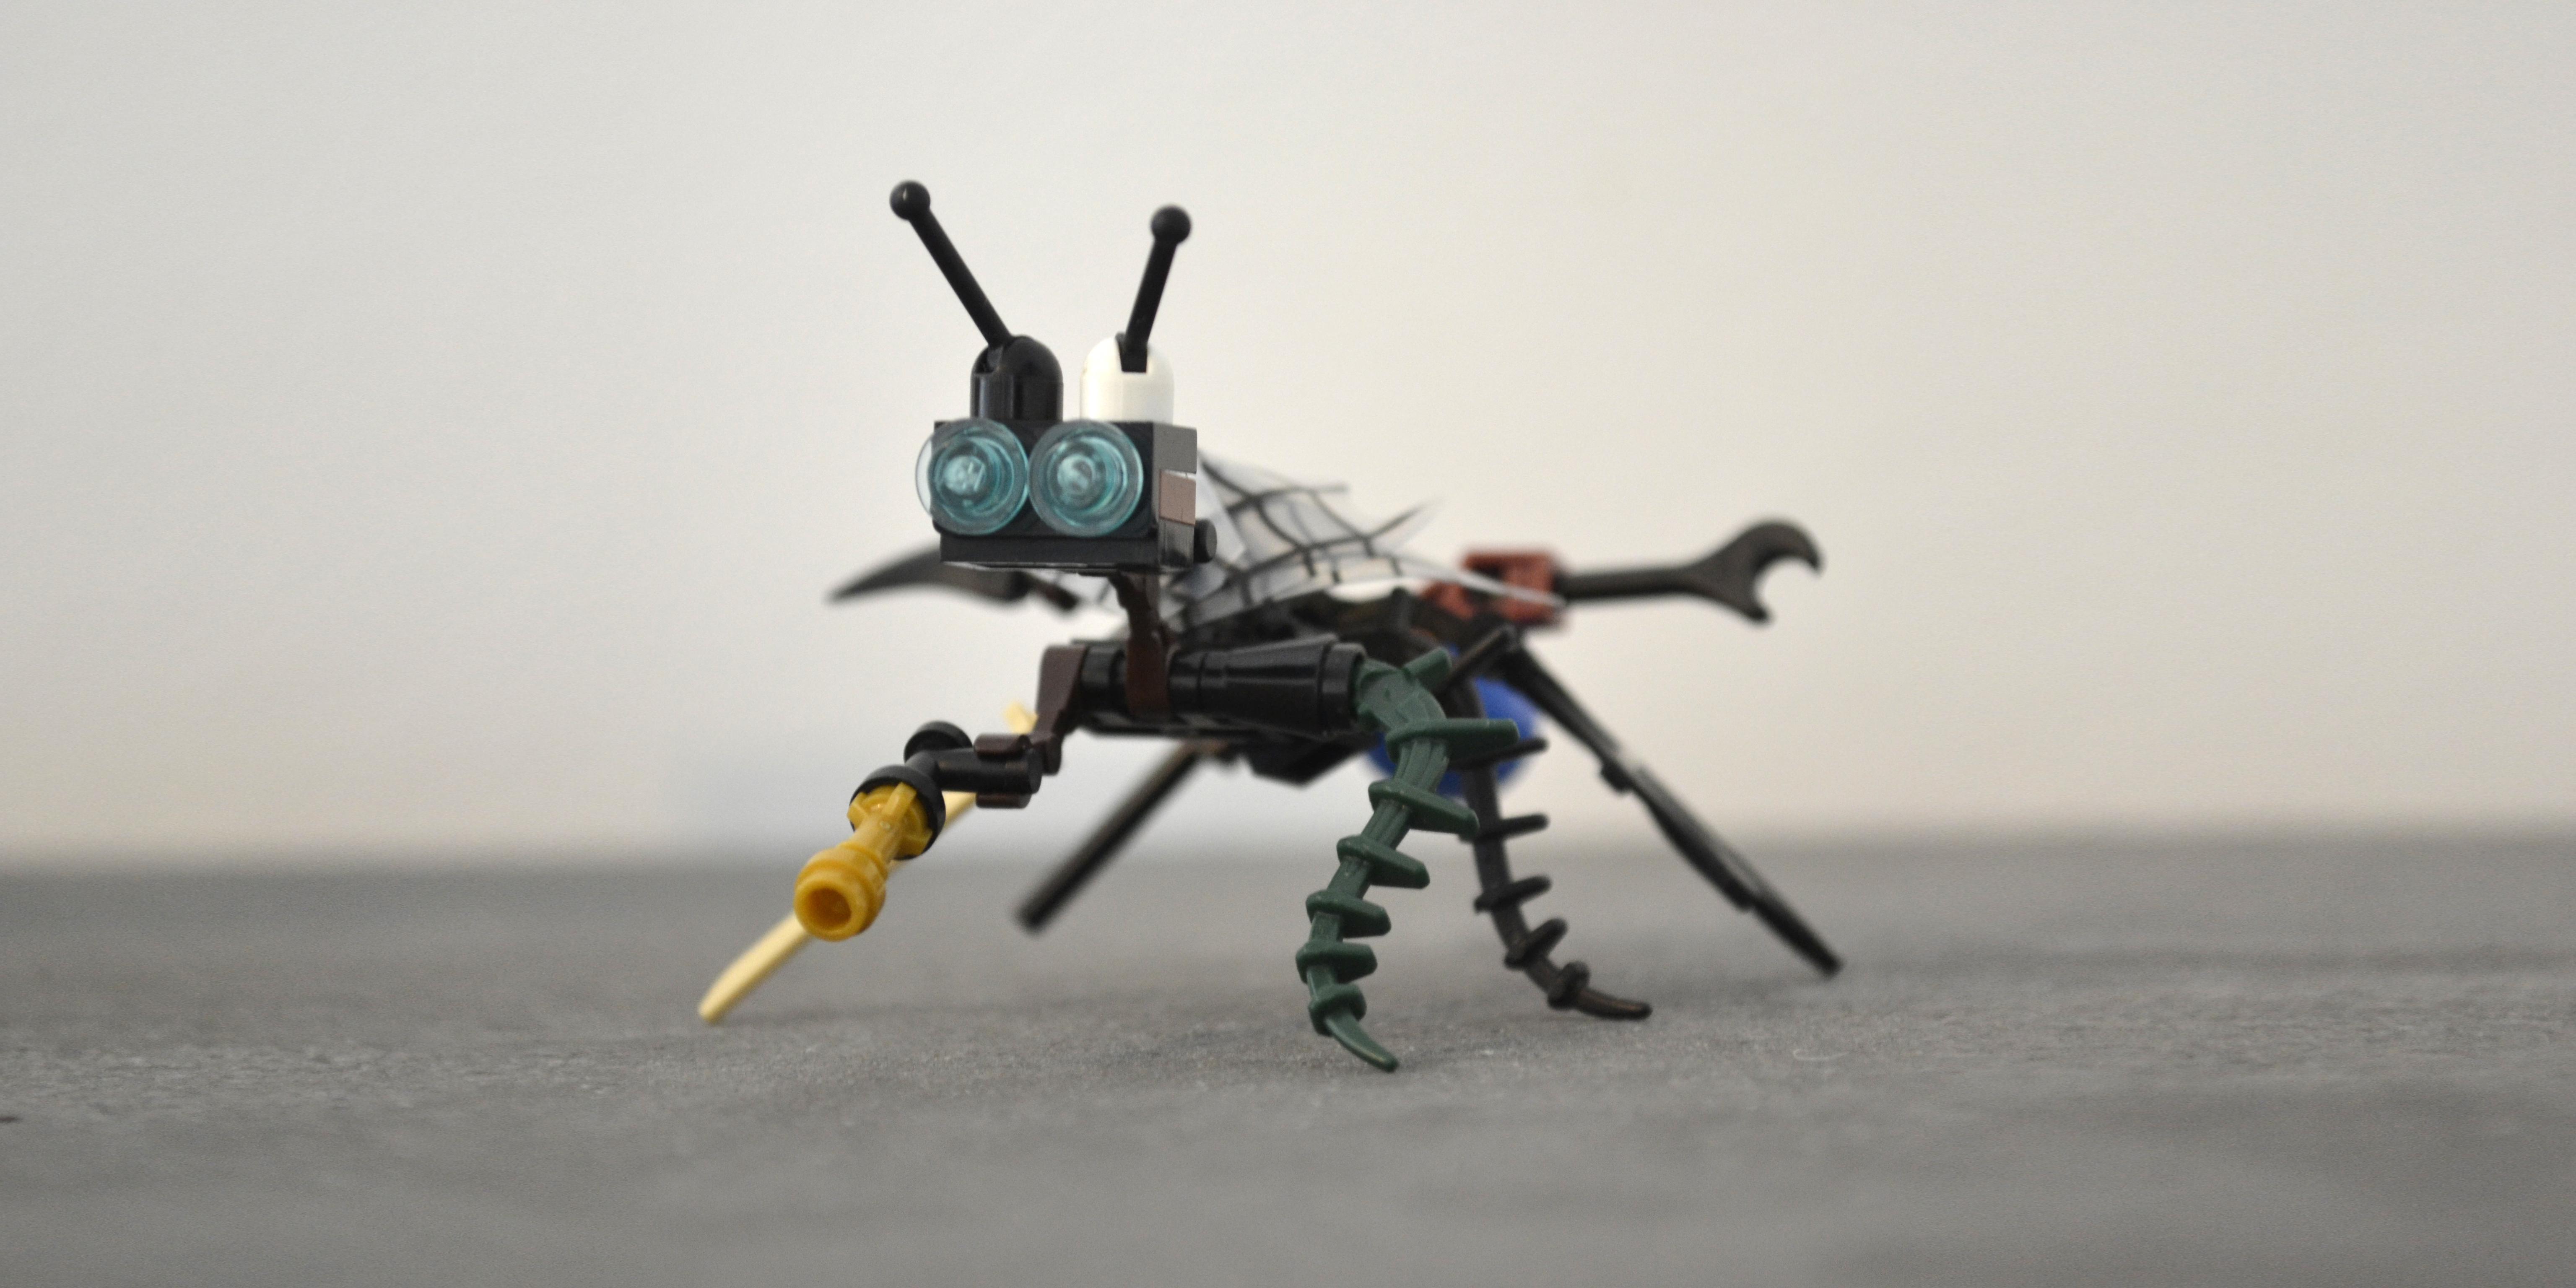 Lego-insekt (1)